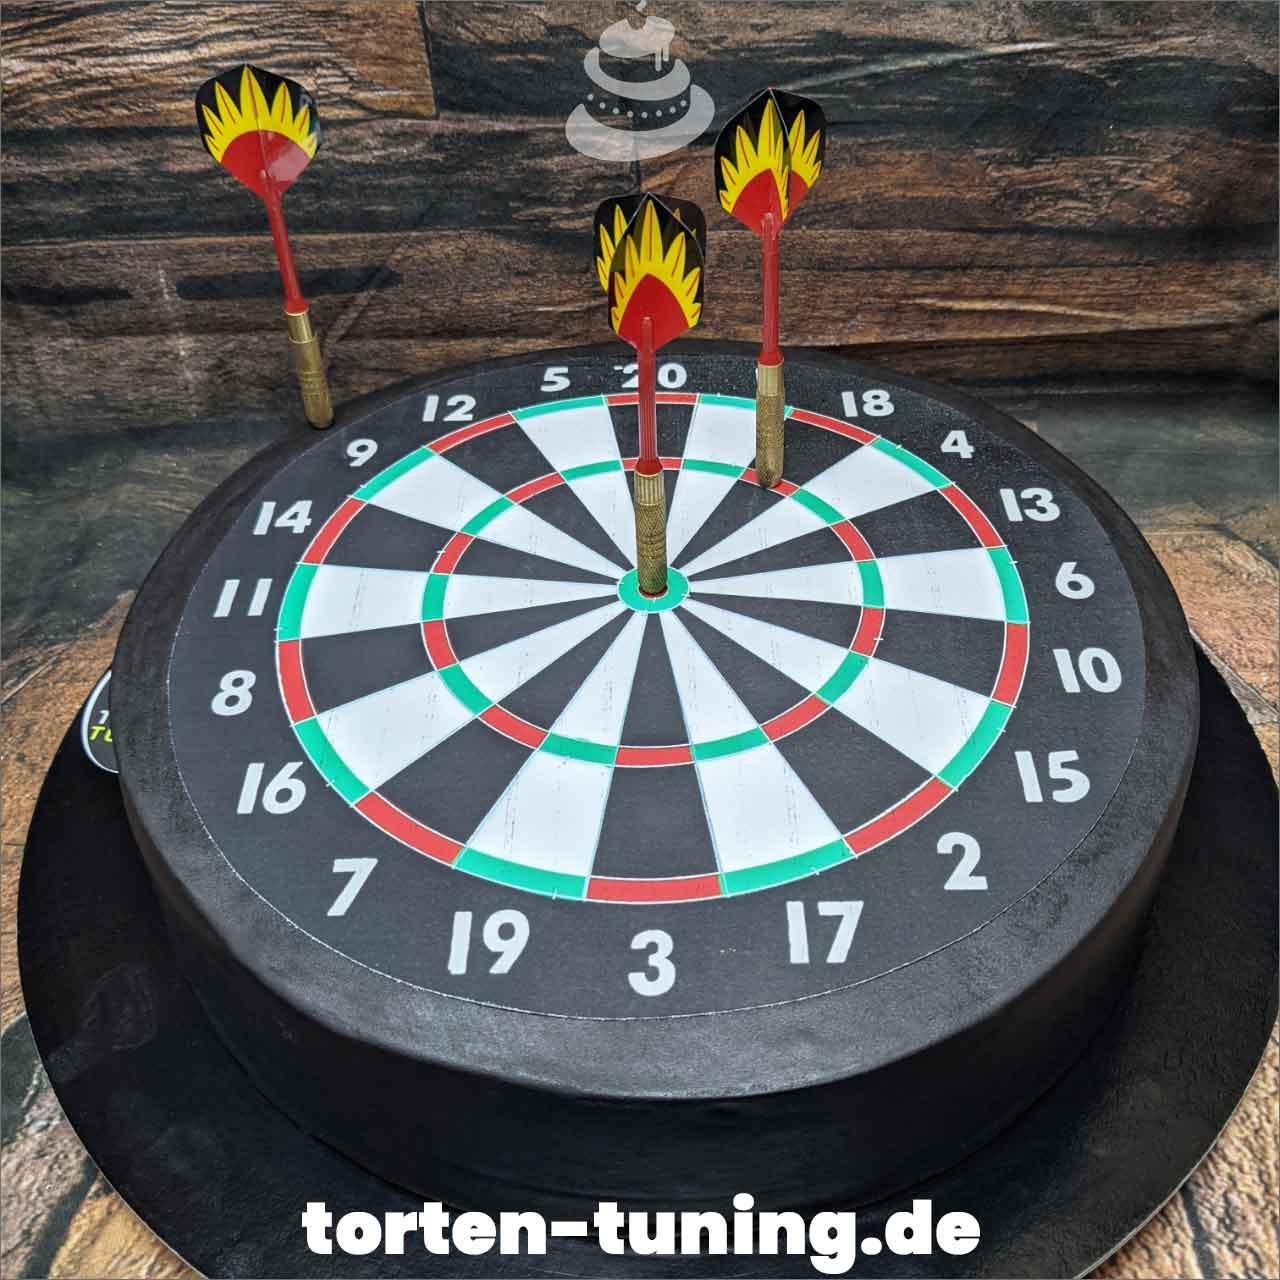 Dart Dartscheibe Dripcake Obsttorte Geburtstagstorte Motivtorte Torte Tortendekoration Torte online bestellen Suhl Thüringen Torten Tuning Sahnetorte Tortenfiguren Cake Topper